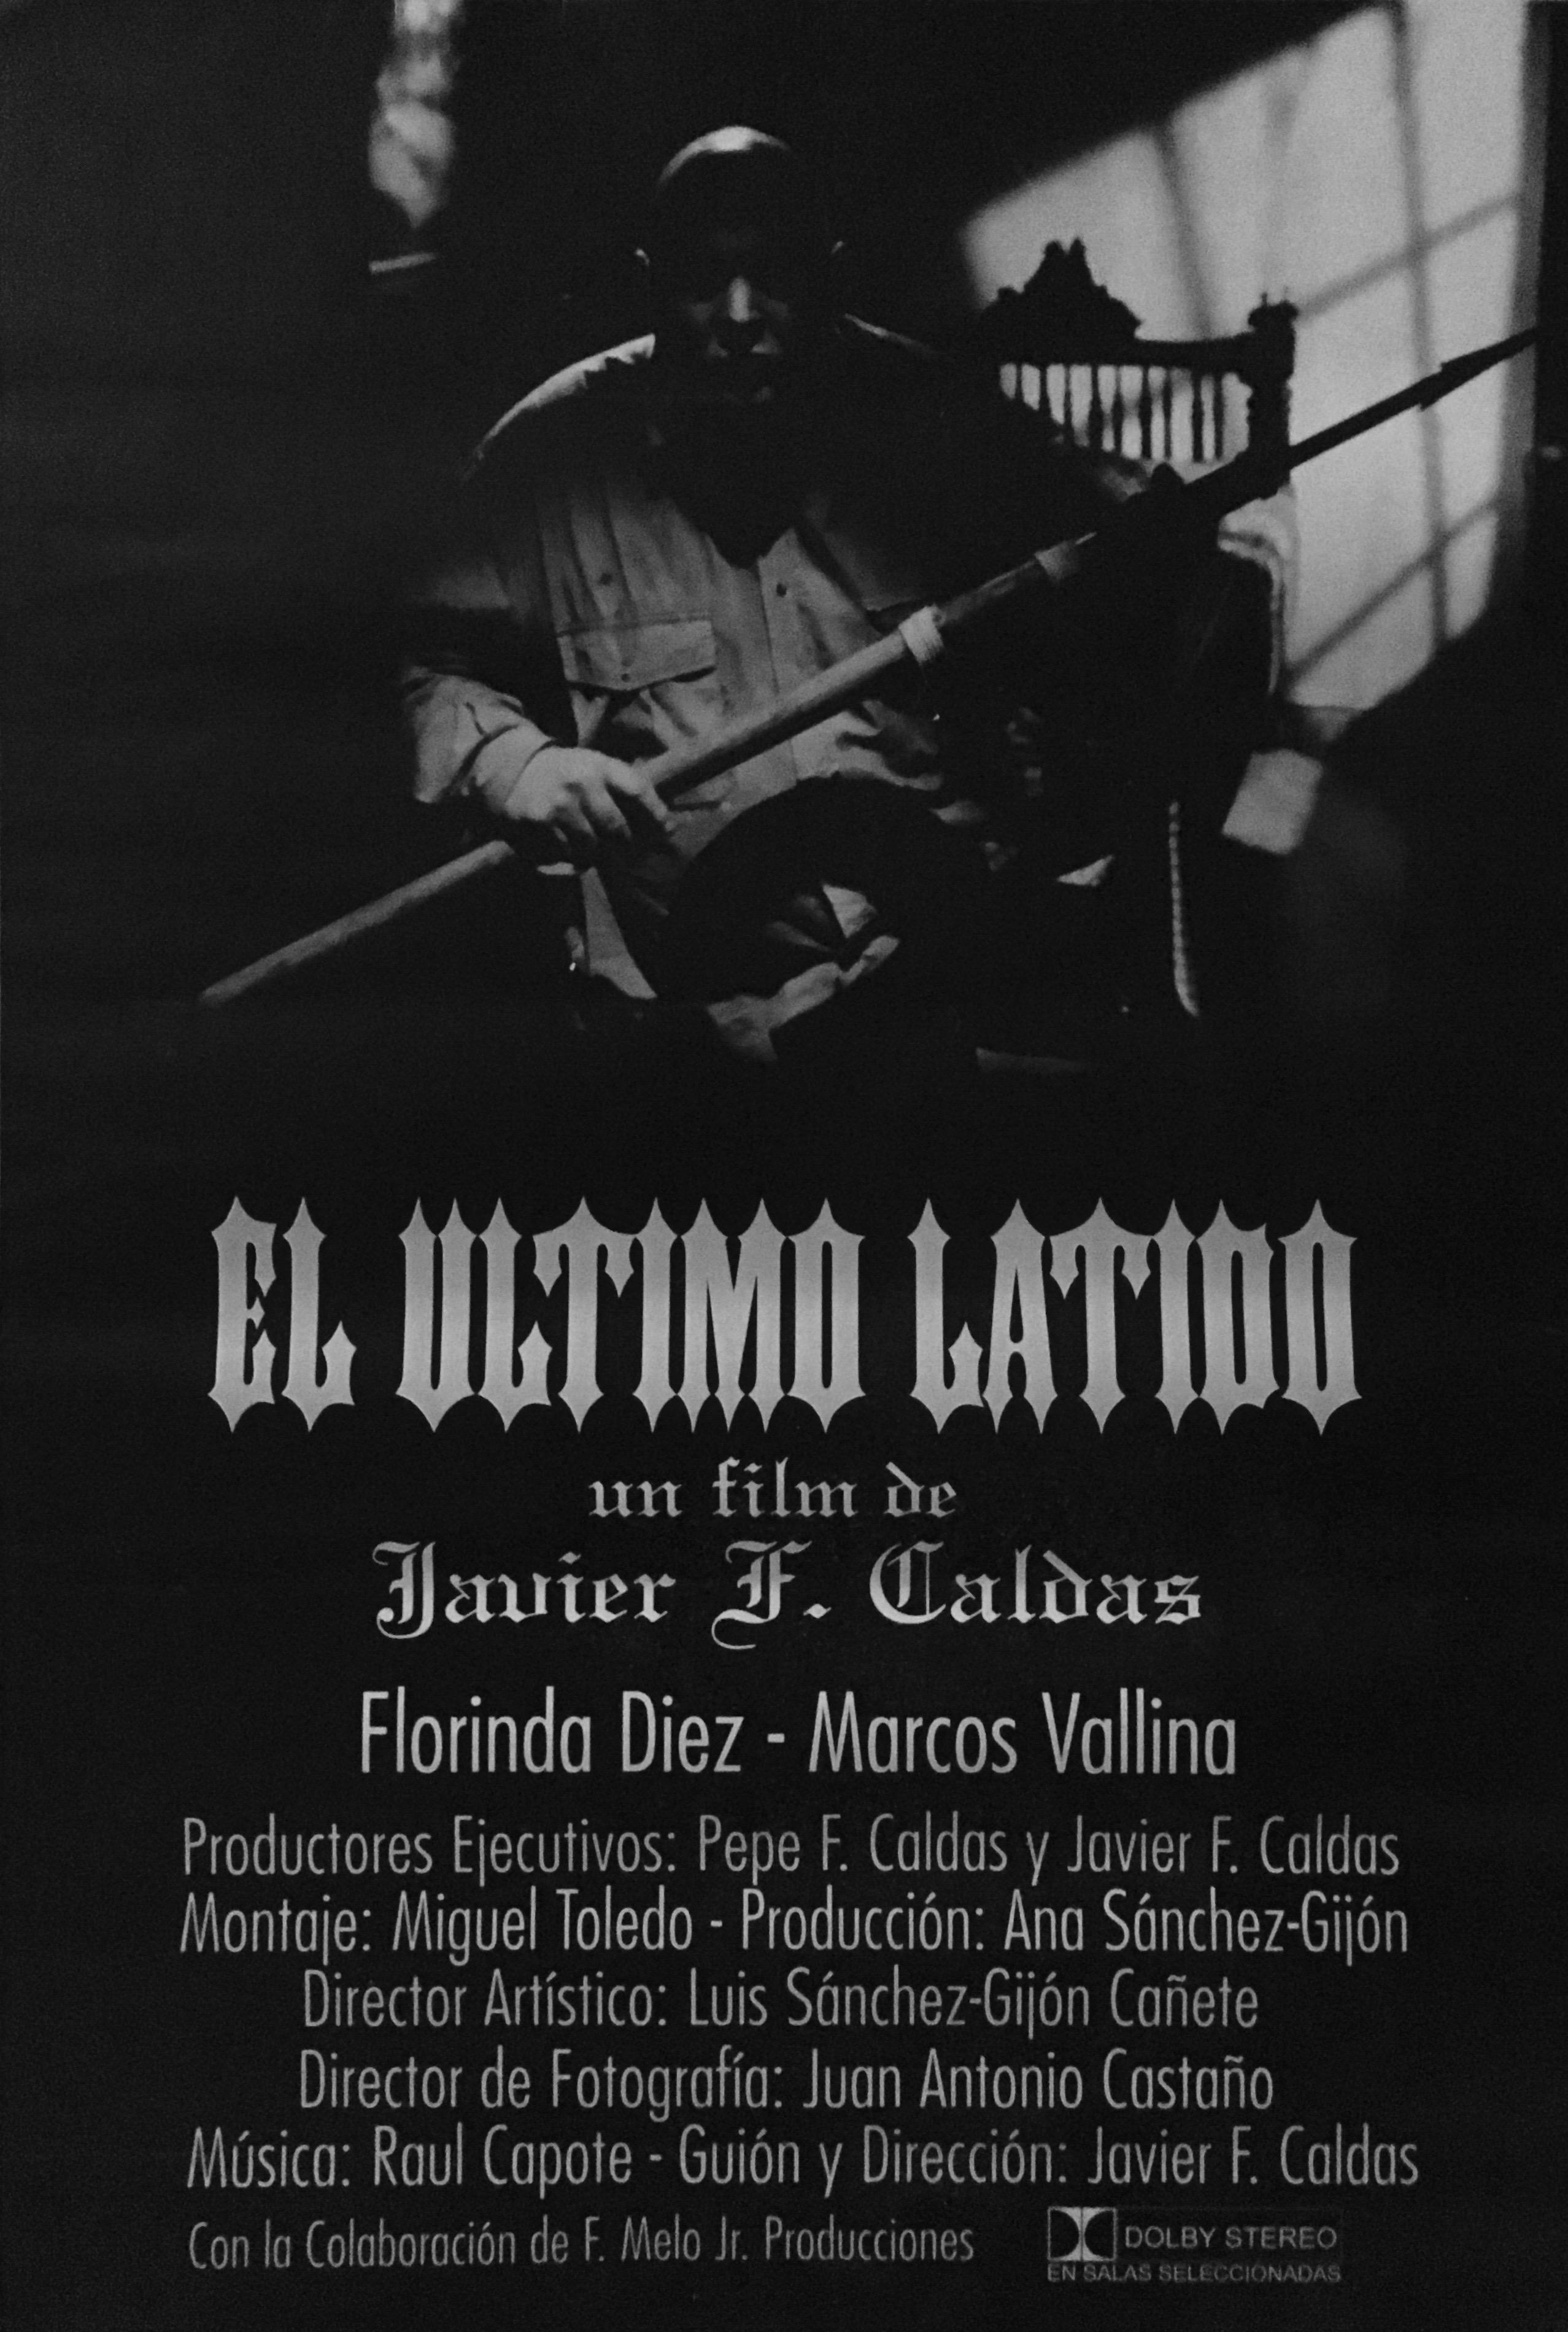 El último latido (1994)